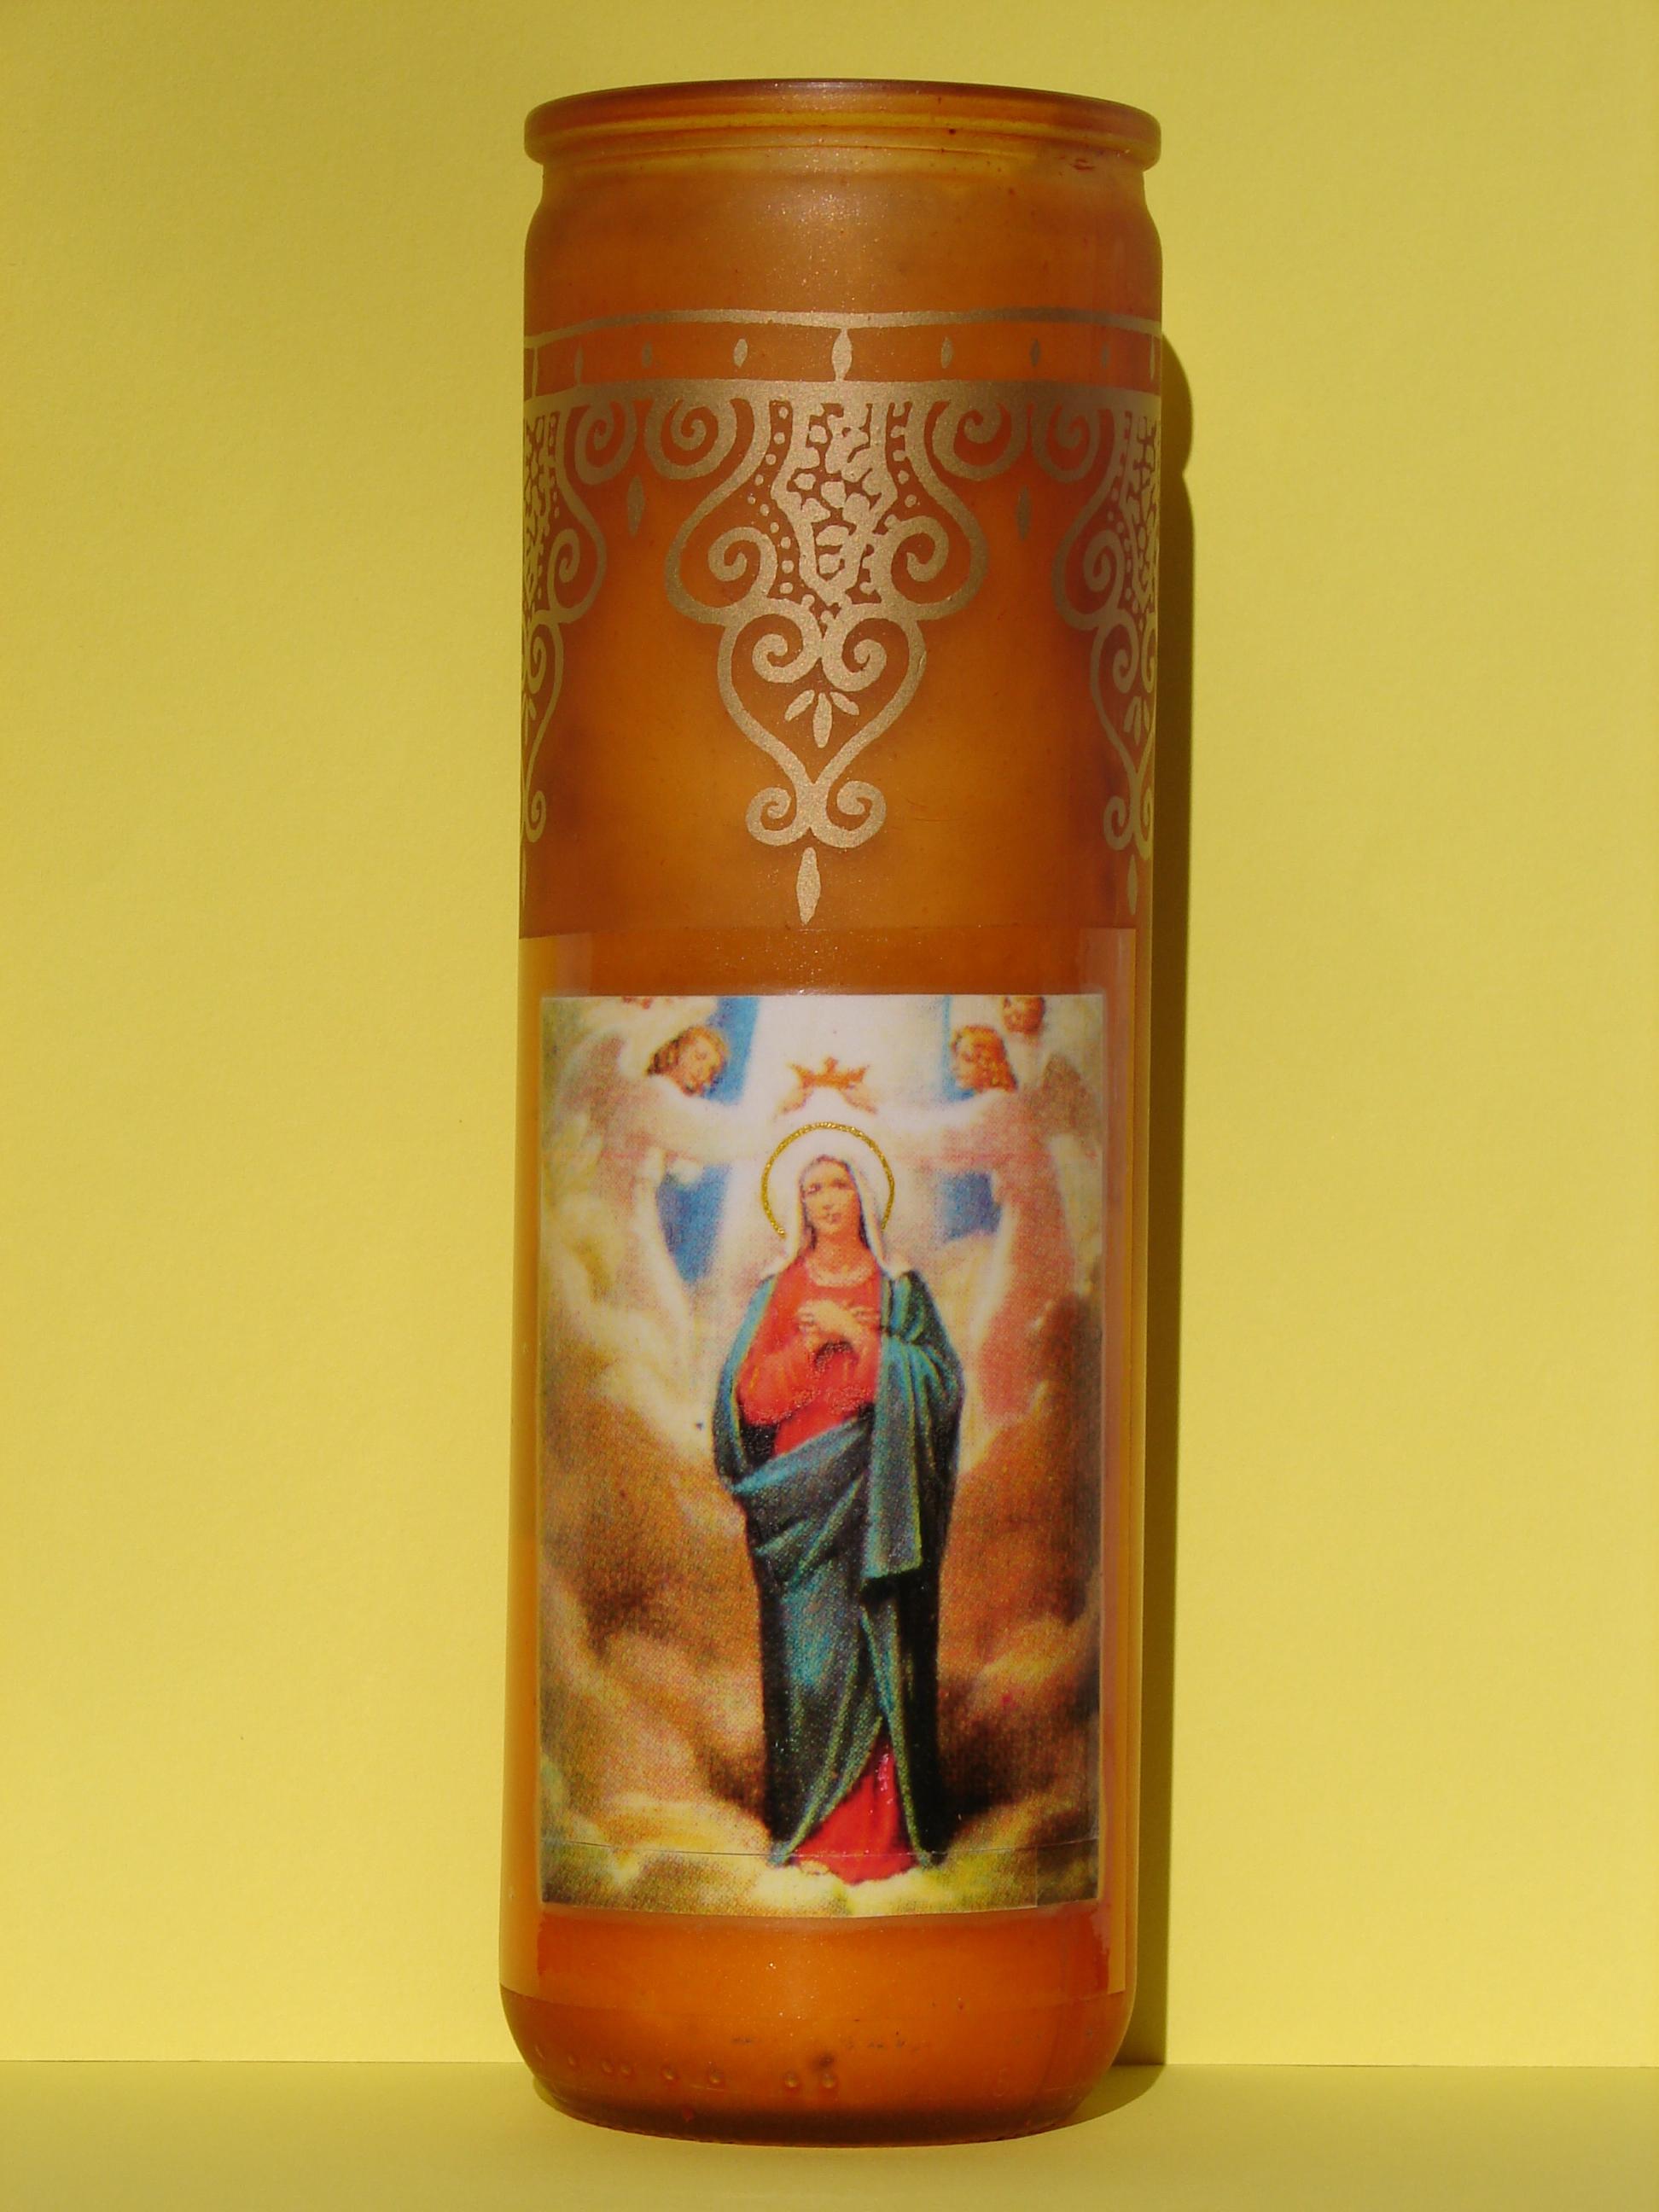 Le Rosaire en Images - Page 5 Cierge-du-couronn...de-marie-576a2c3